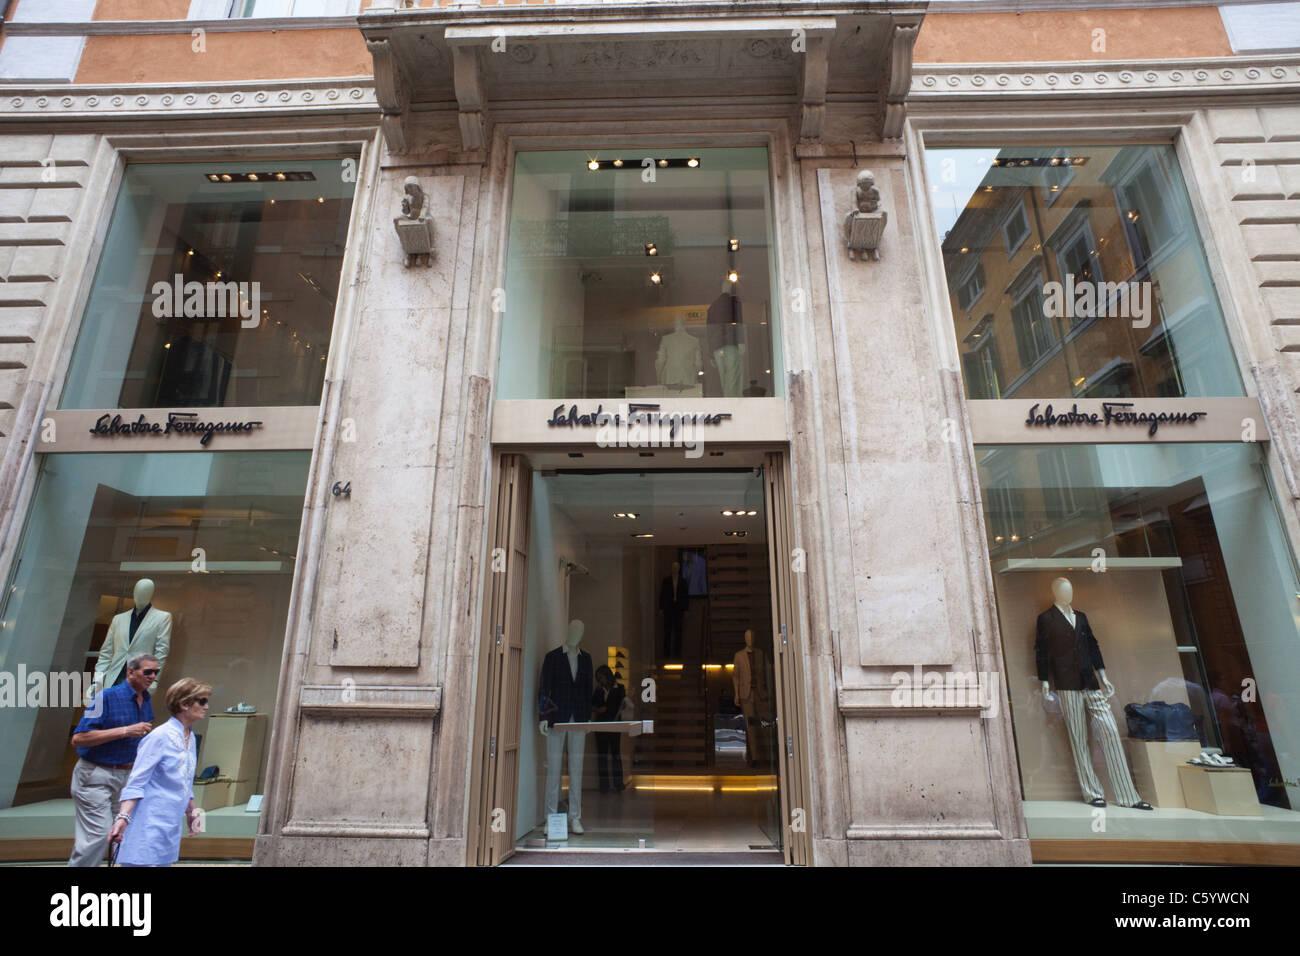 Italy, Rome, Via Dei Condotti, Street Scene and Ferragamo Store - Stock Image